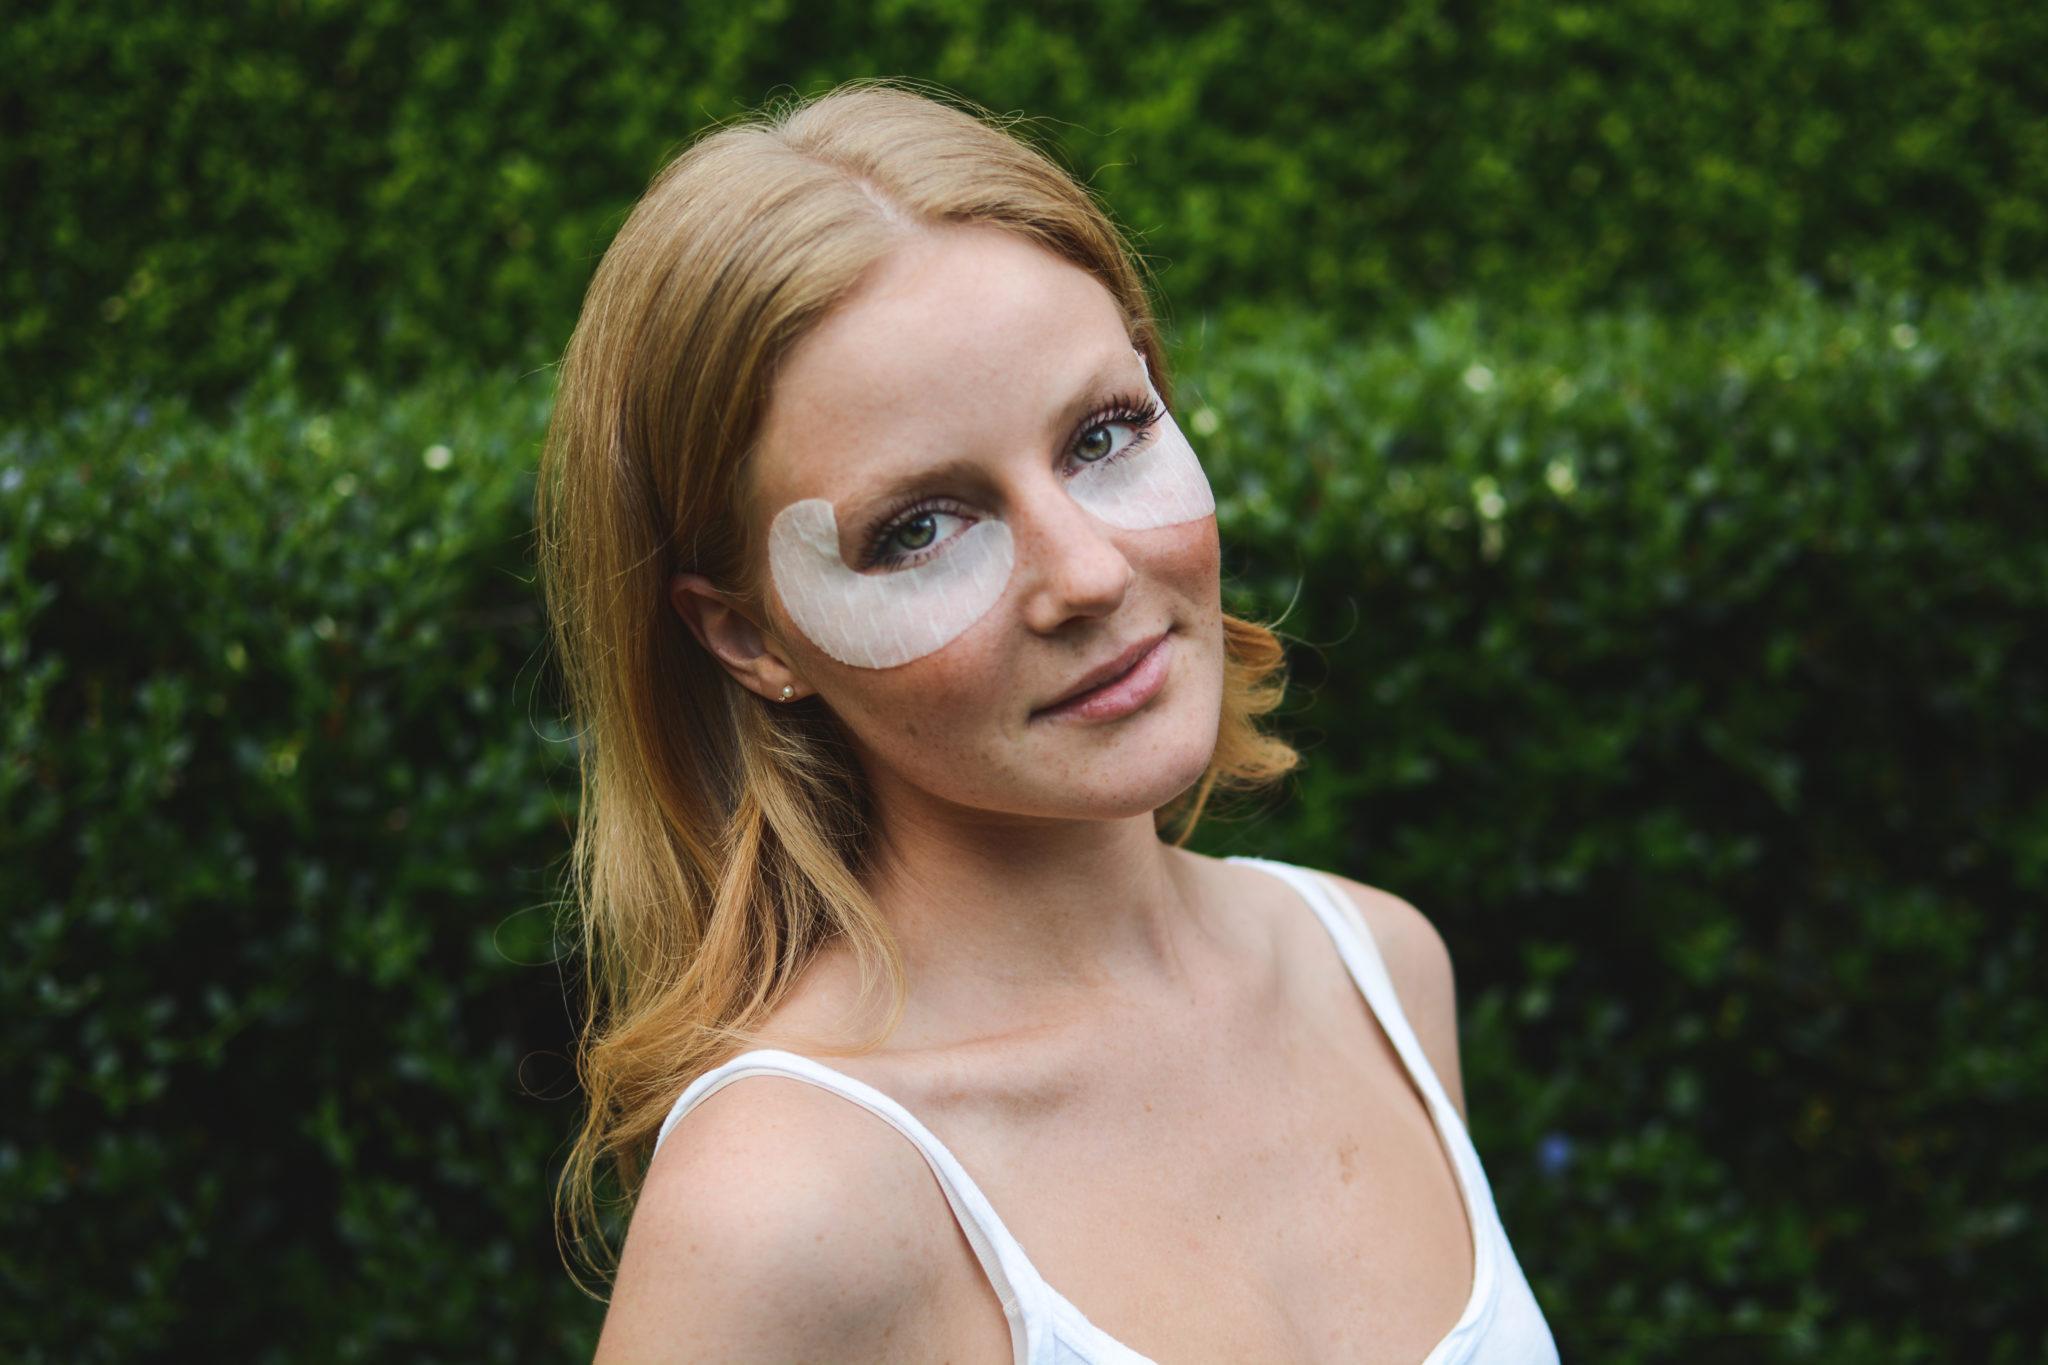 Skinny-Belle-Blogger (5 of 7)